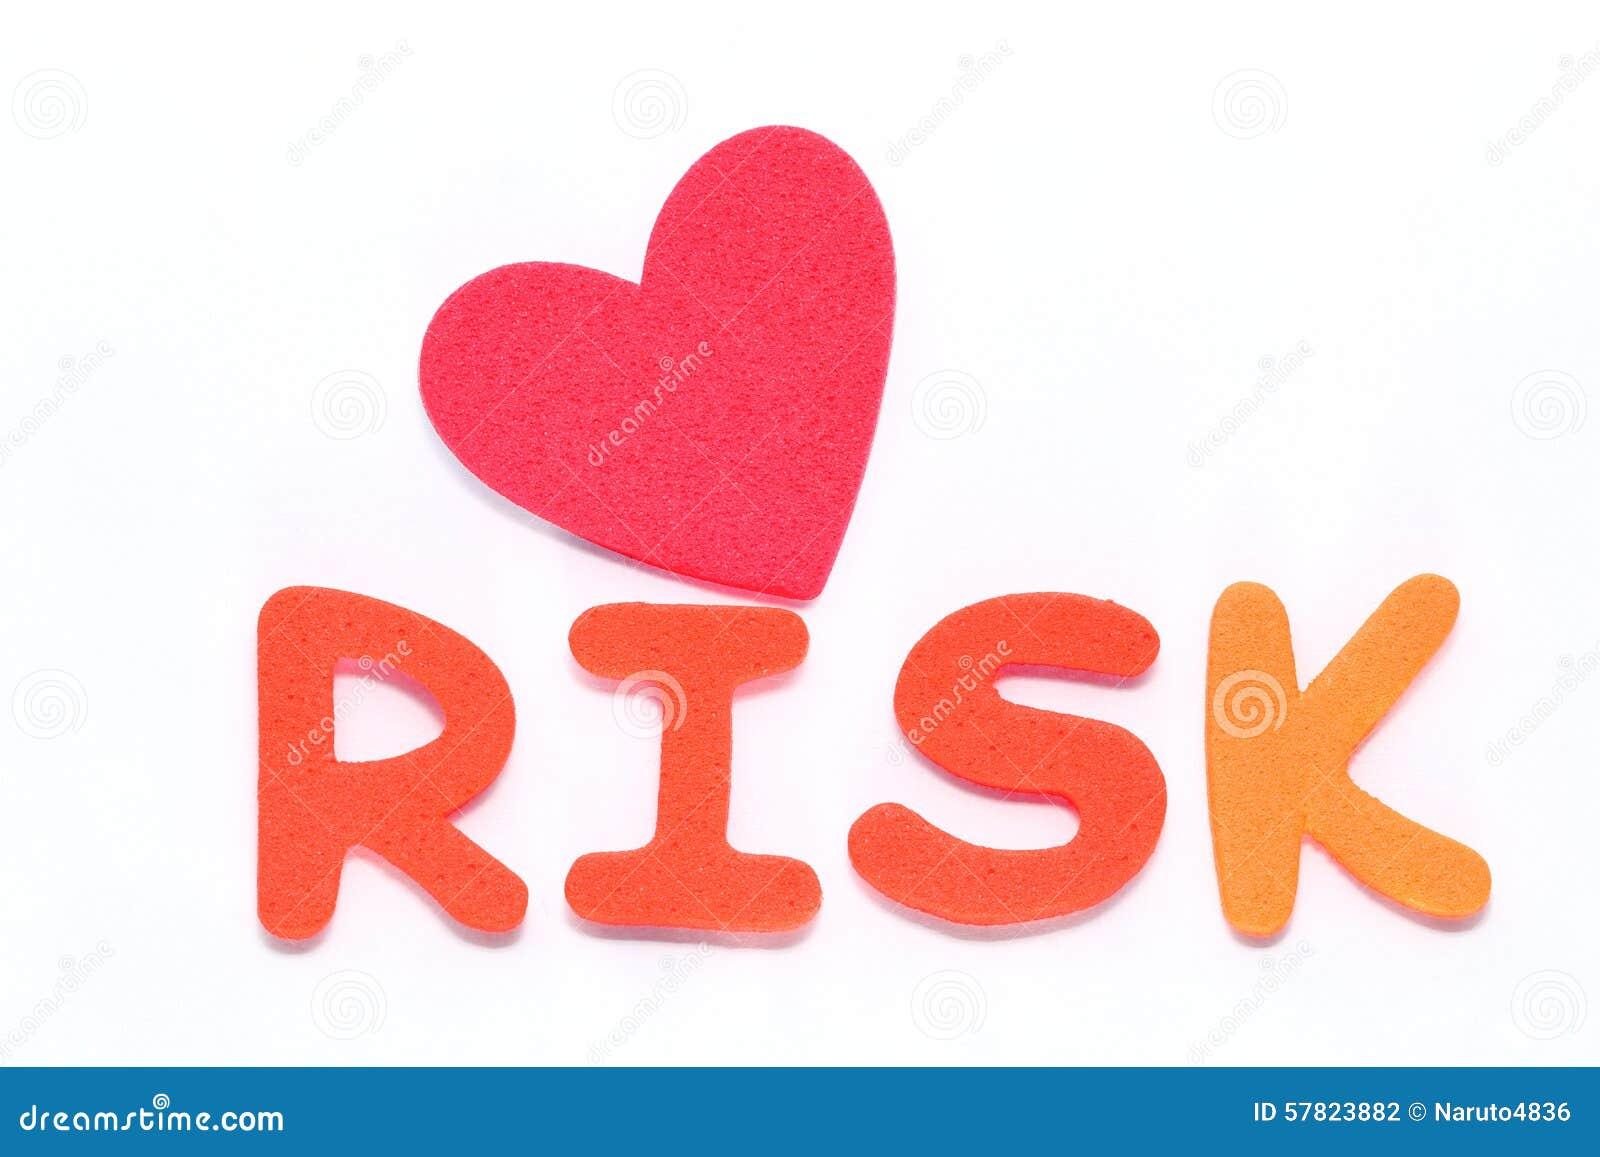 Tome el riesgo